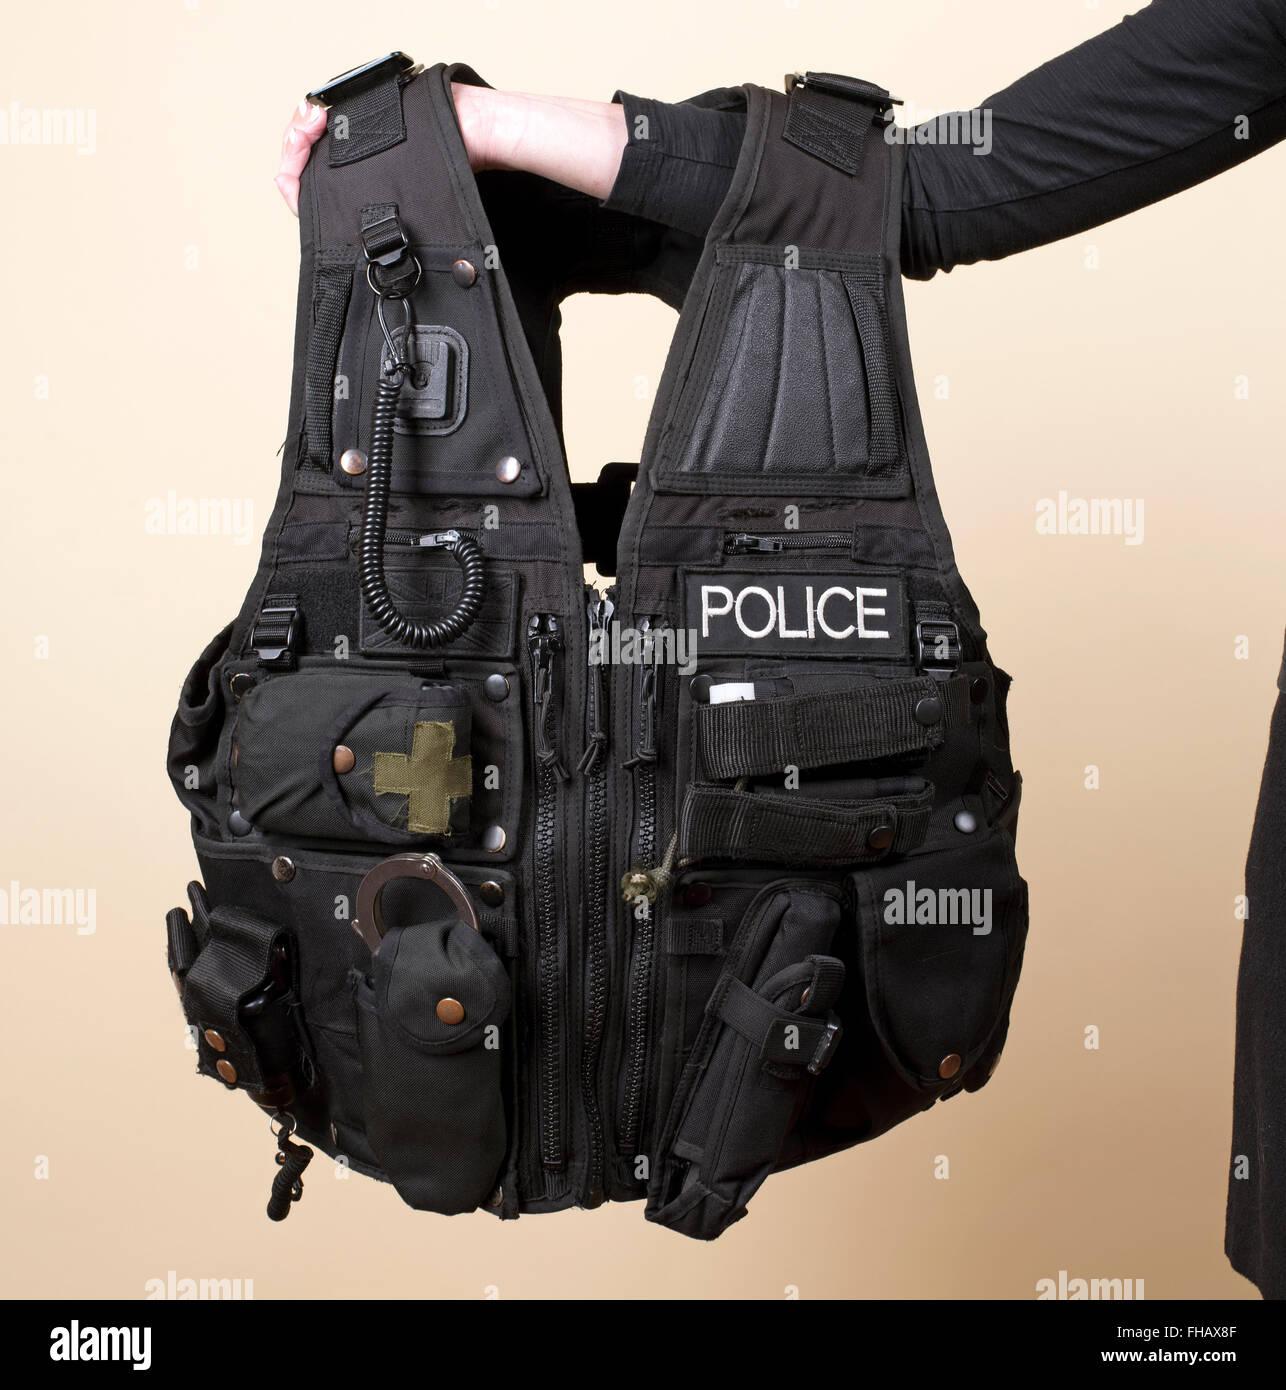 Un uniforme de police TACTICAL VEST Photo Stock